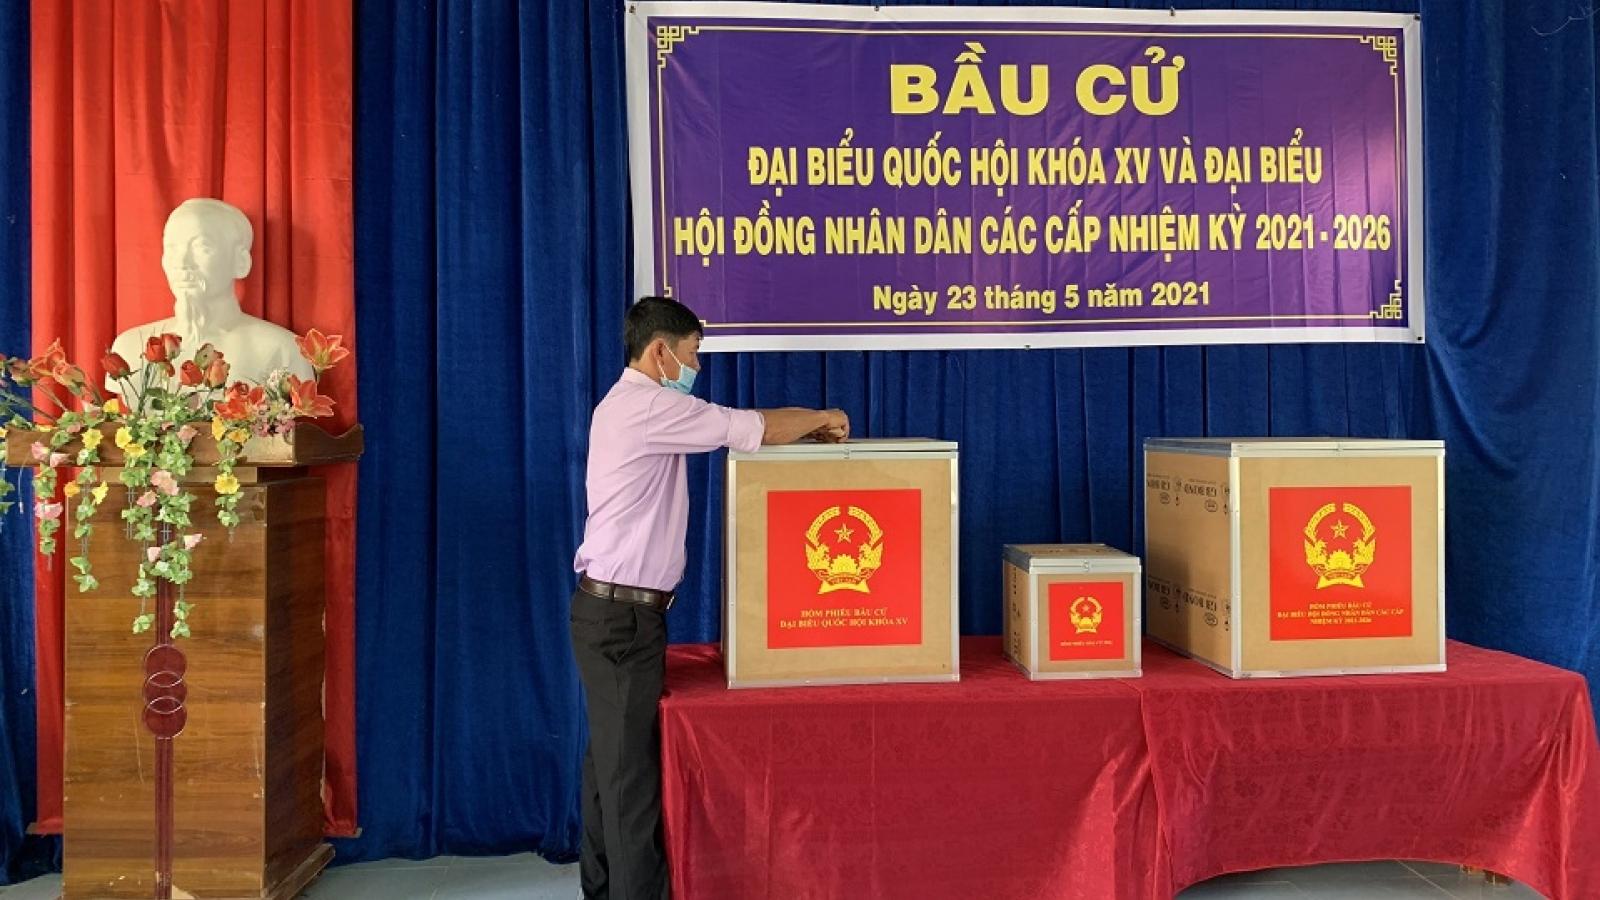 Các địa phương hoàn tất công tác chuẩn bị cho Ngày bầu cử